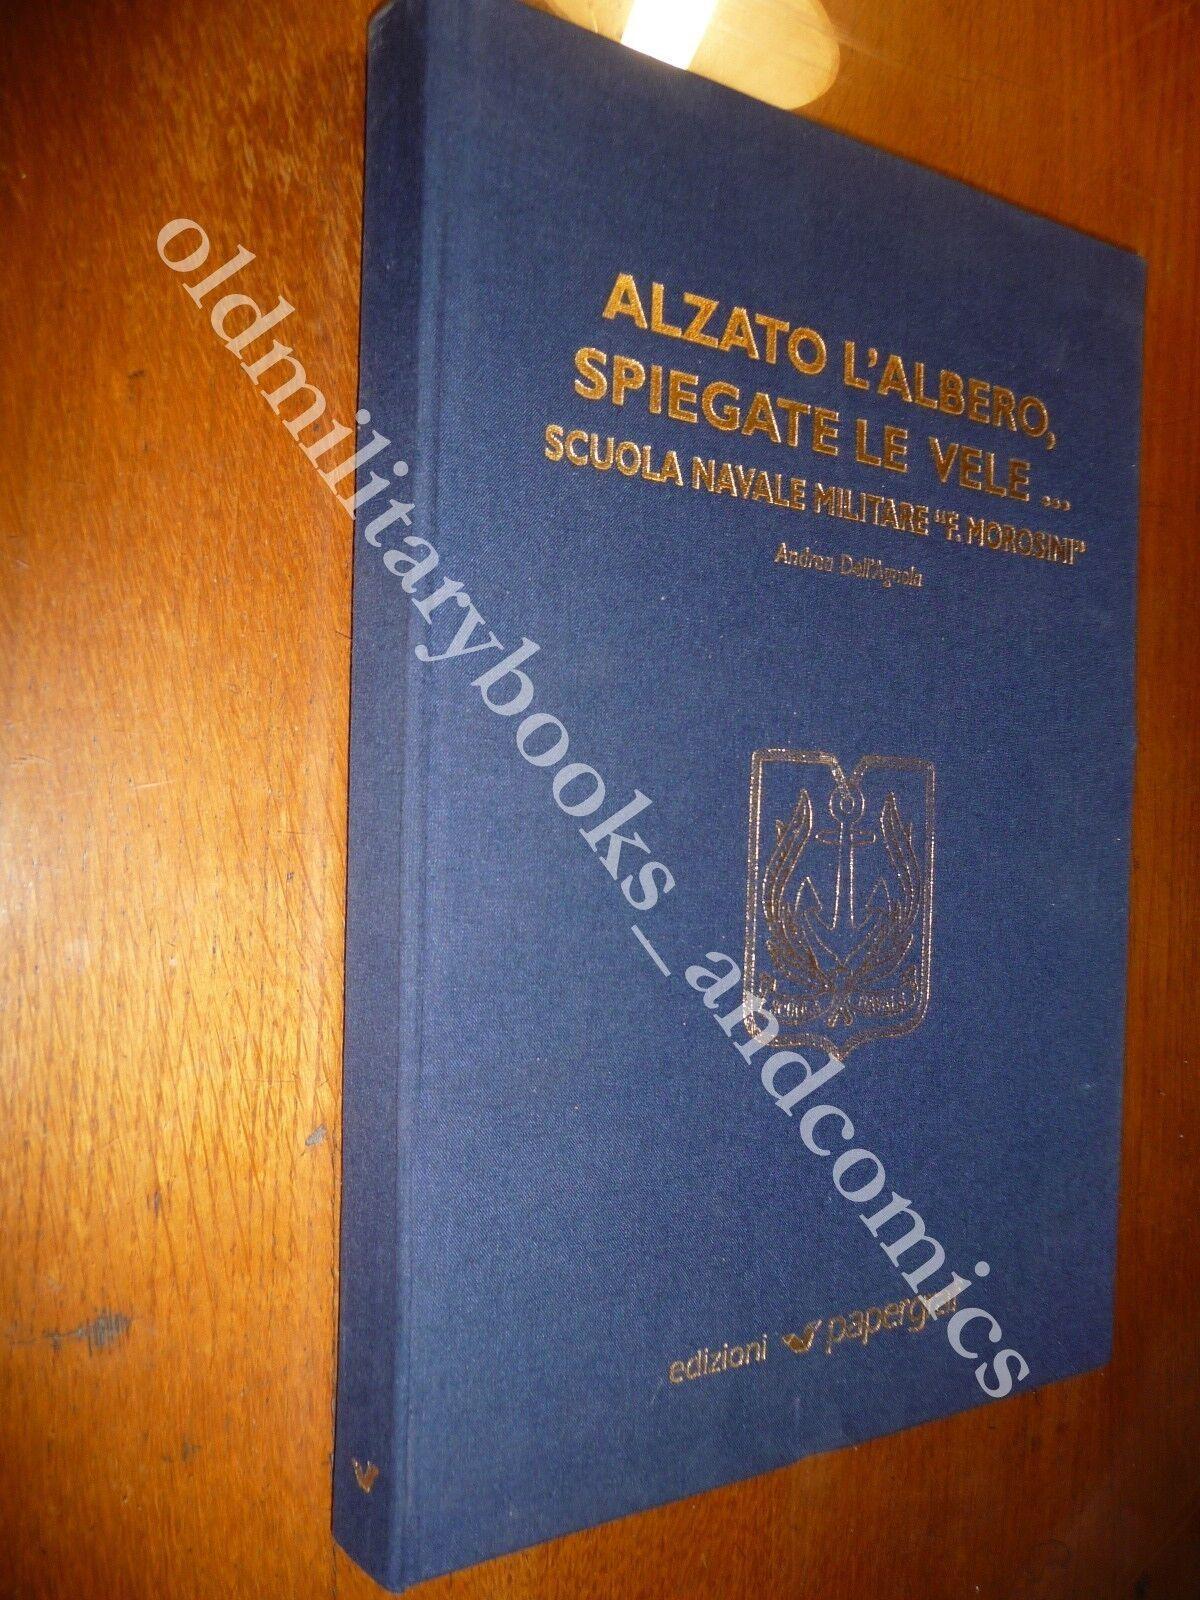 ALZATO L'ALBERO SPIEGATE LE VELE SCUOLA NAVALE MILITARE F. MOROSINI DELL'AGNOLA